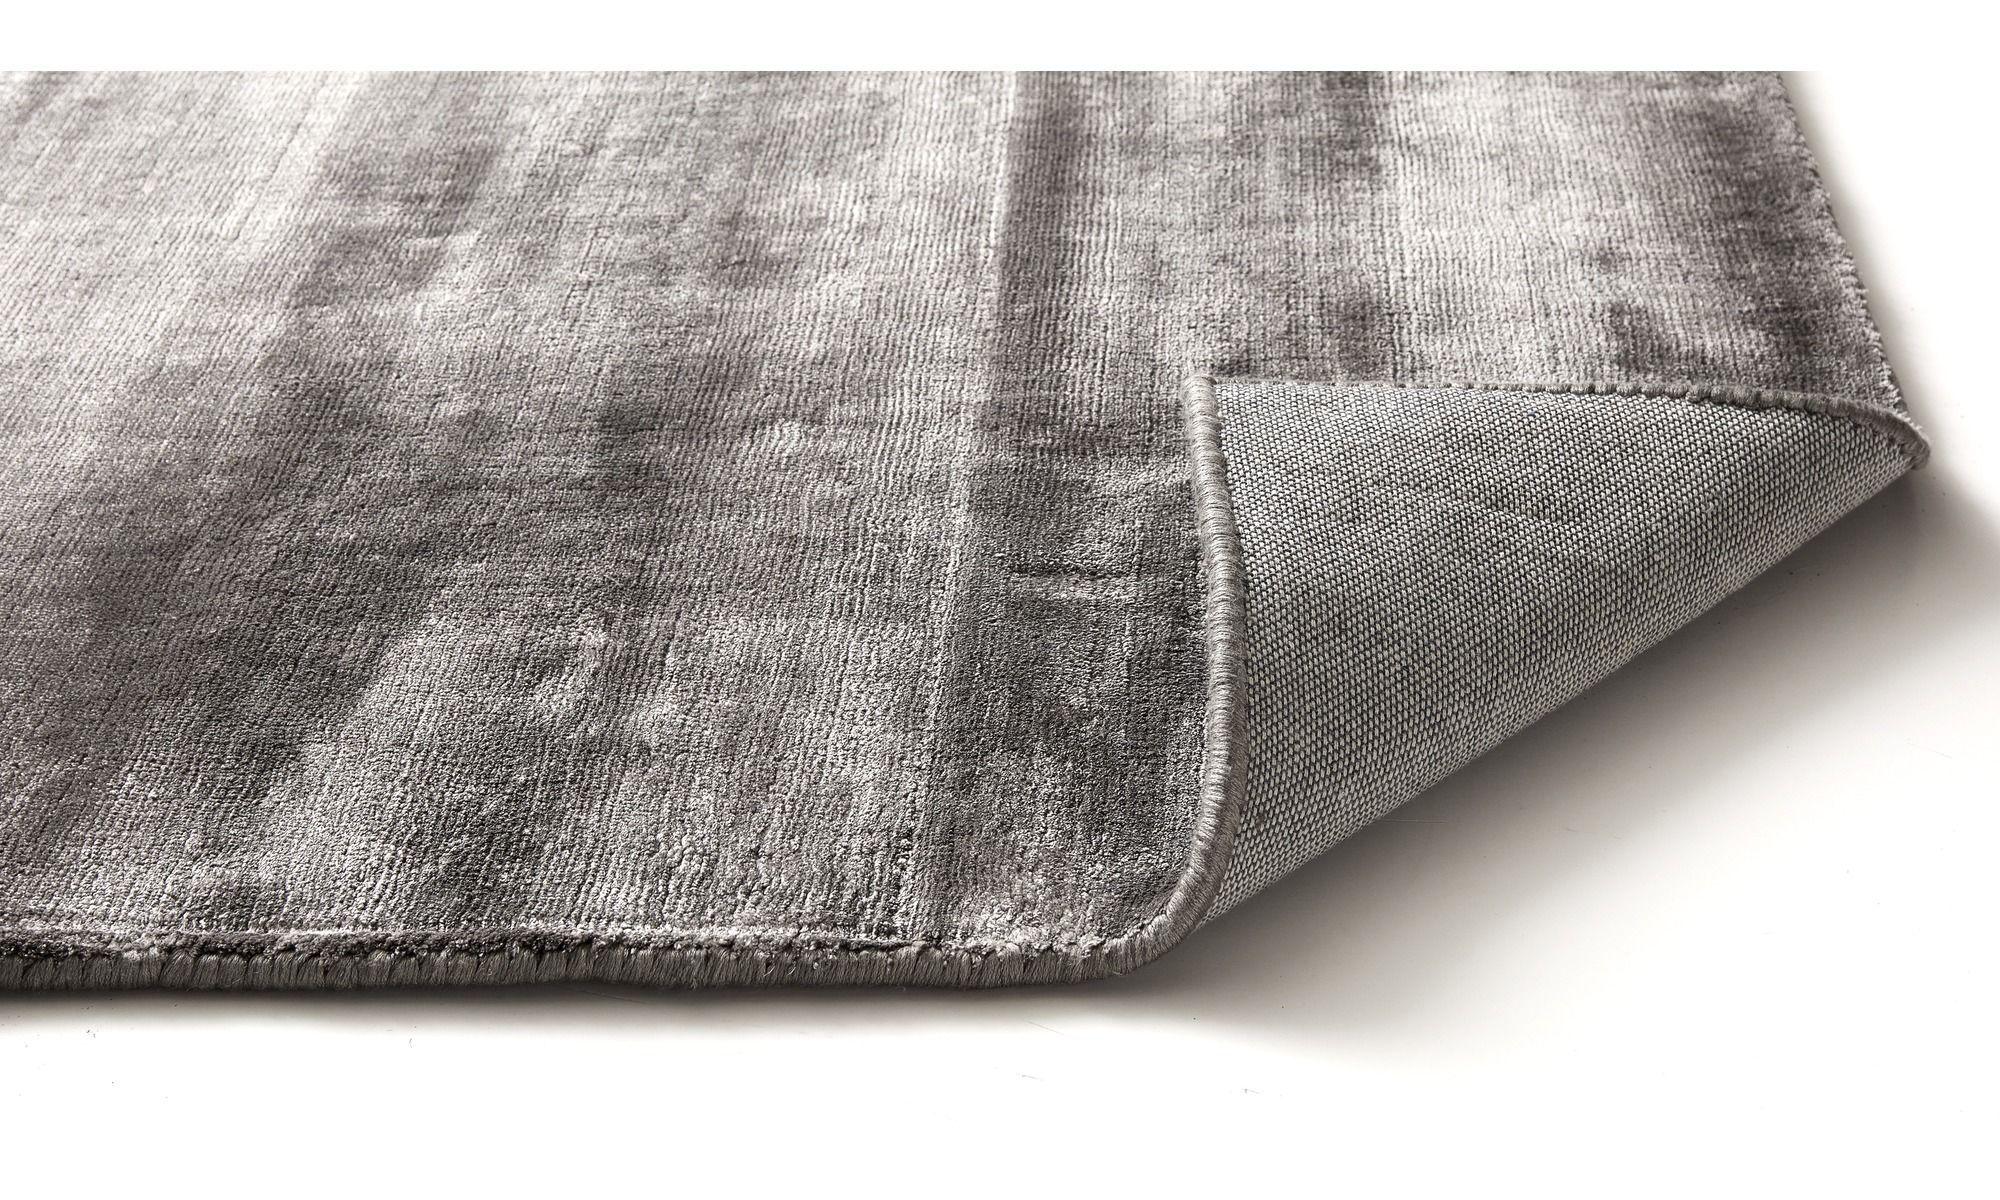 Unsere Neuheiten Waza Teppich Schwarz Stoff Teppich Design Schwarzer Teppich Teppich Online Kaufen